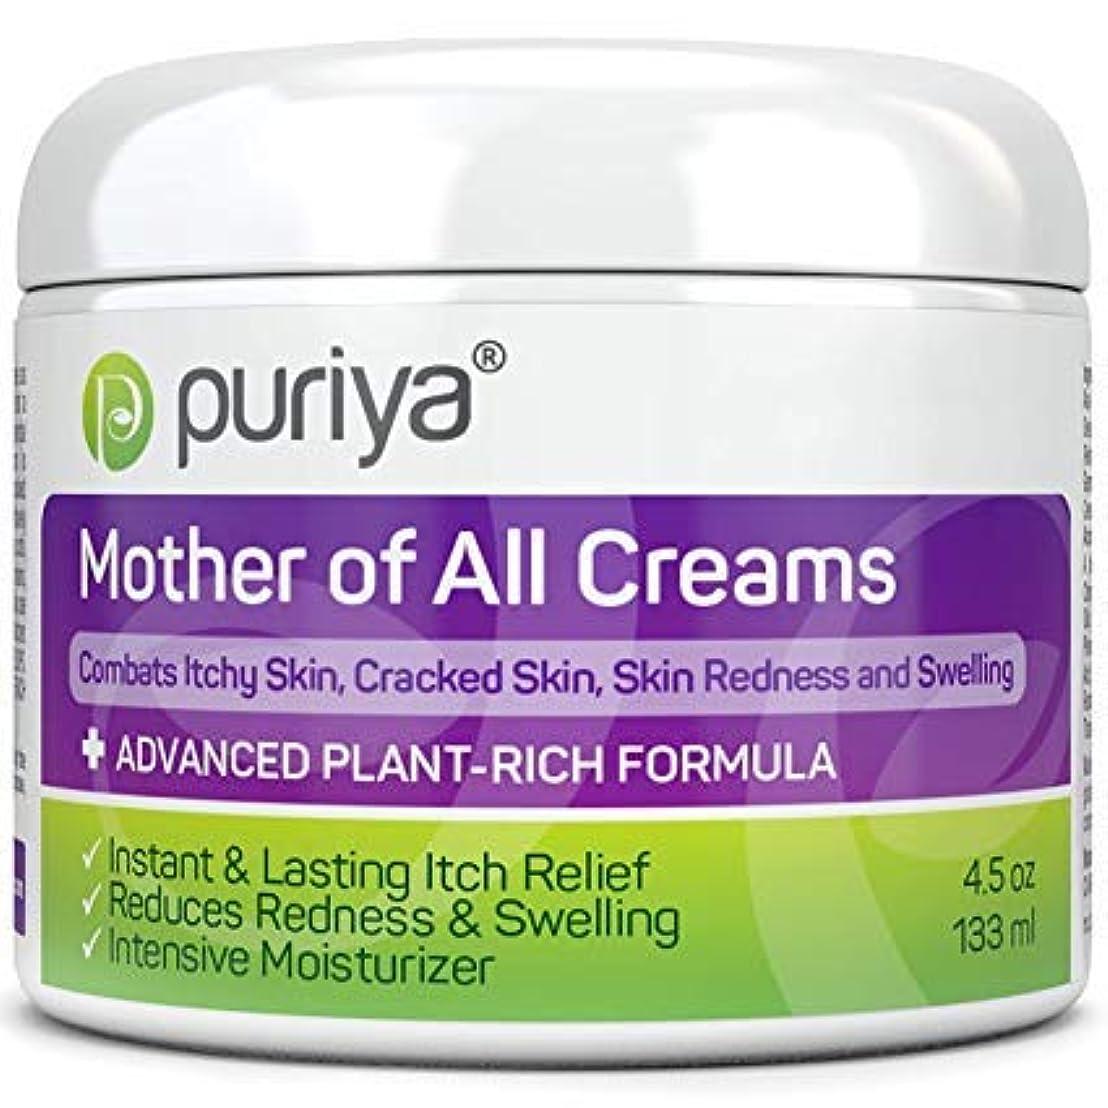 泥腕削減Puriya マザーオブオールクリーム Mother of All Creams Cream For Eczema, Psoriasis, Dermatitis and Rashes. Powerful Plant Rich...